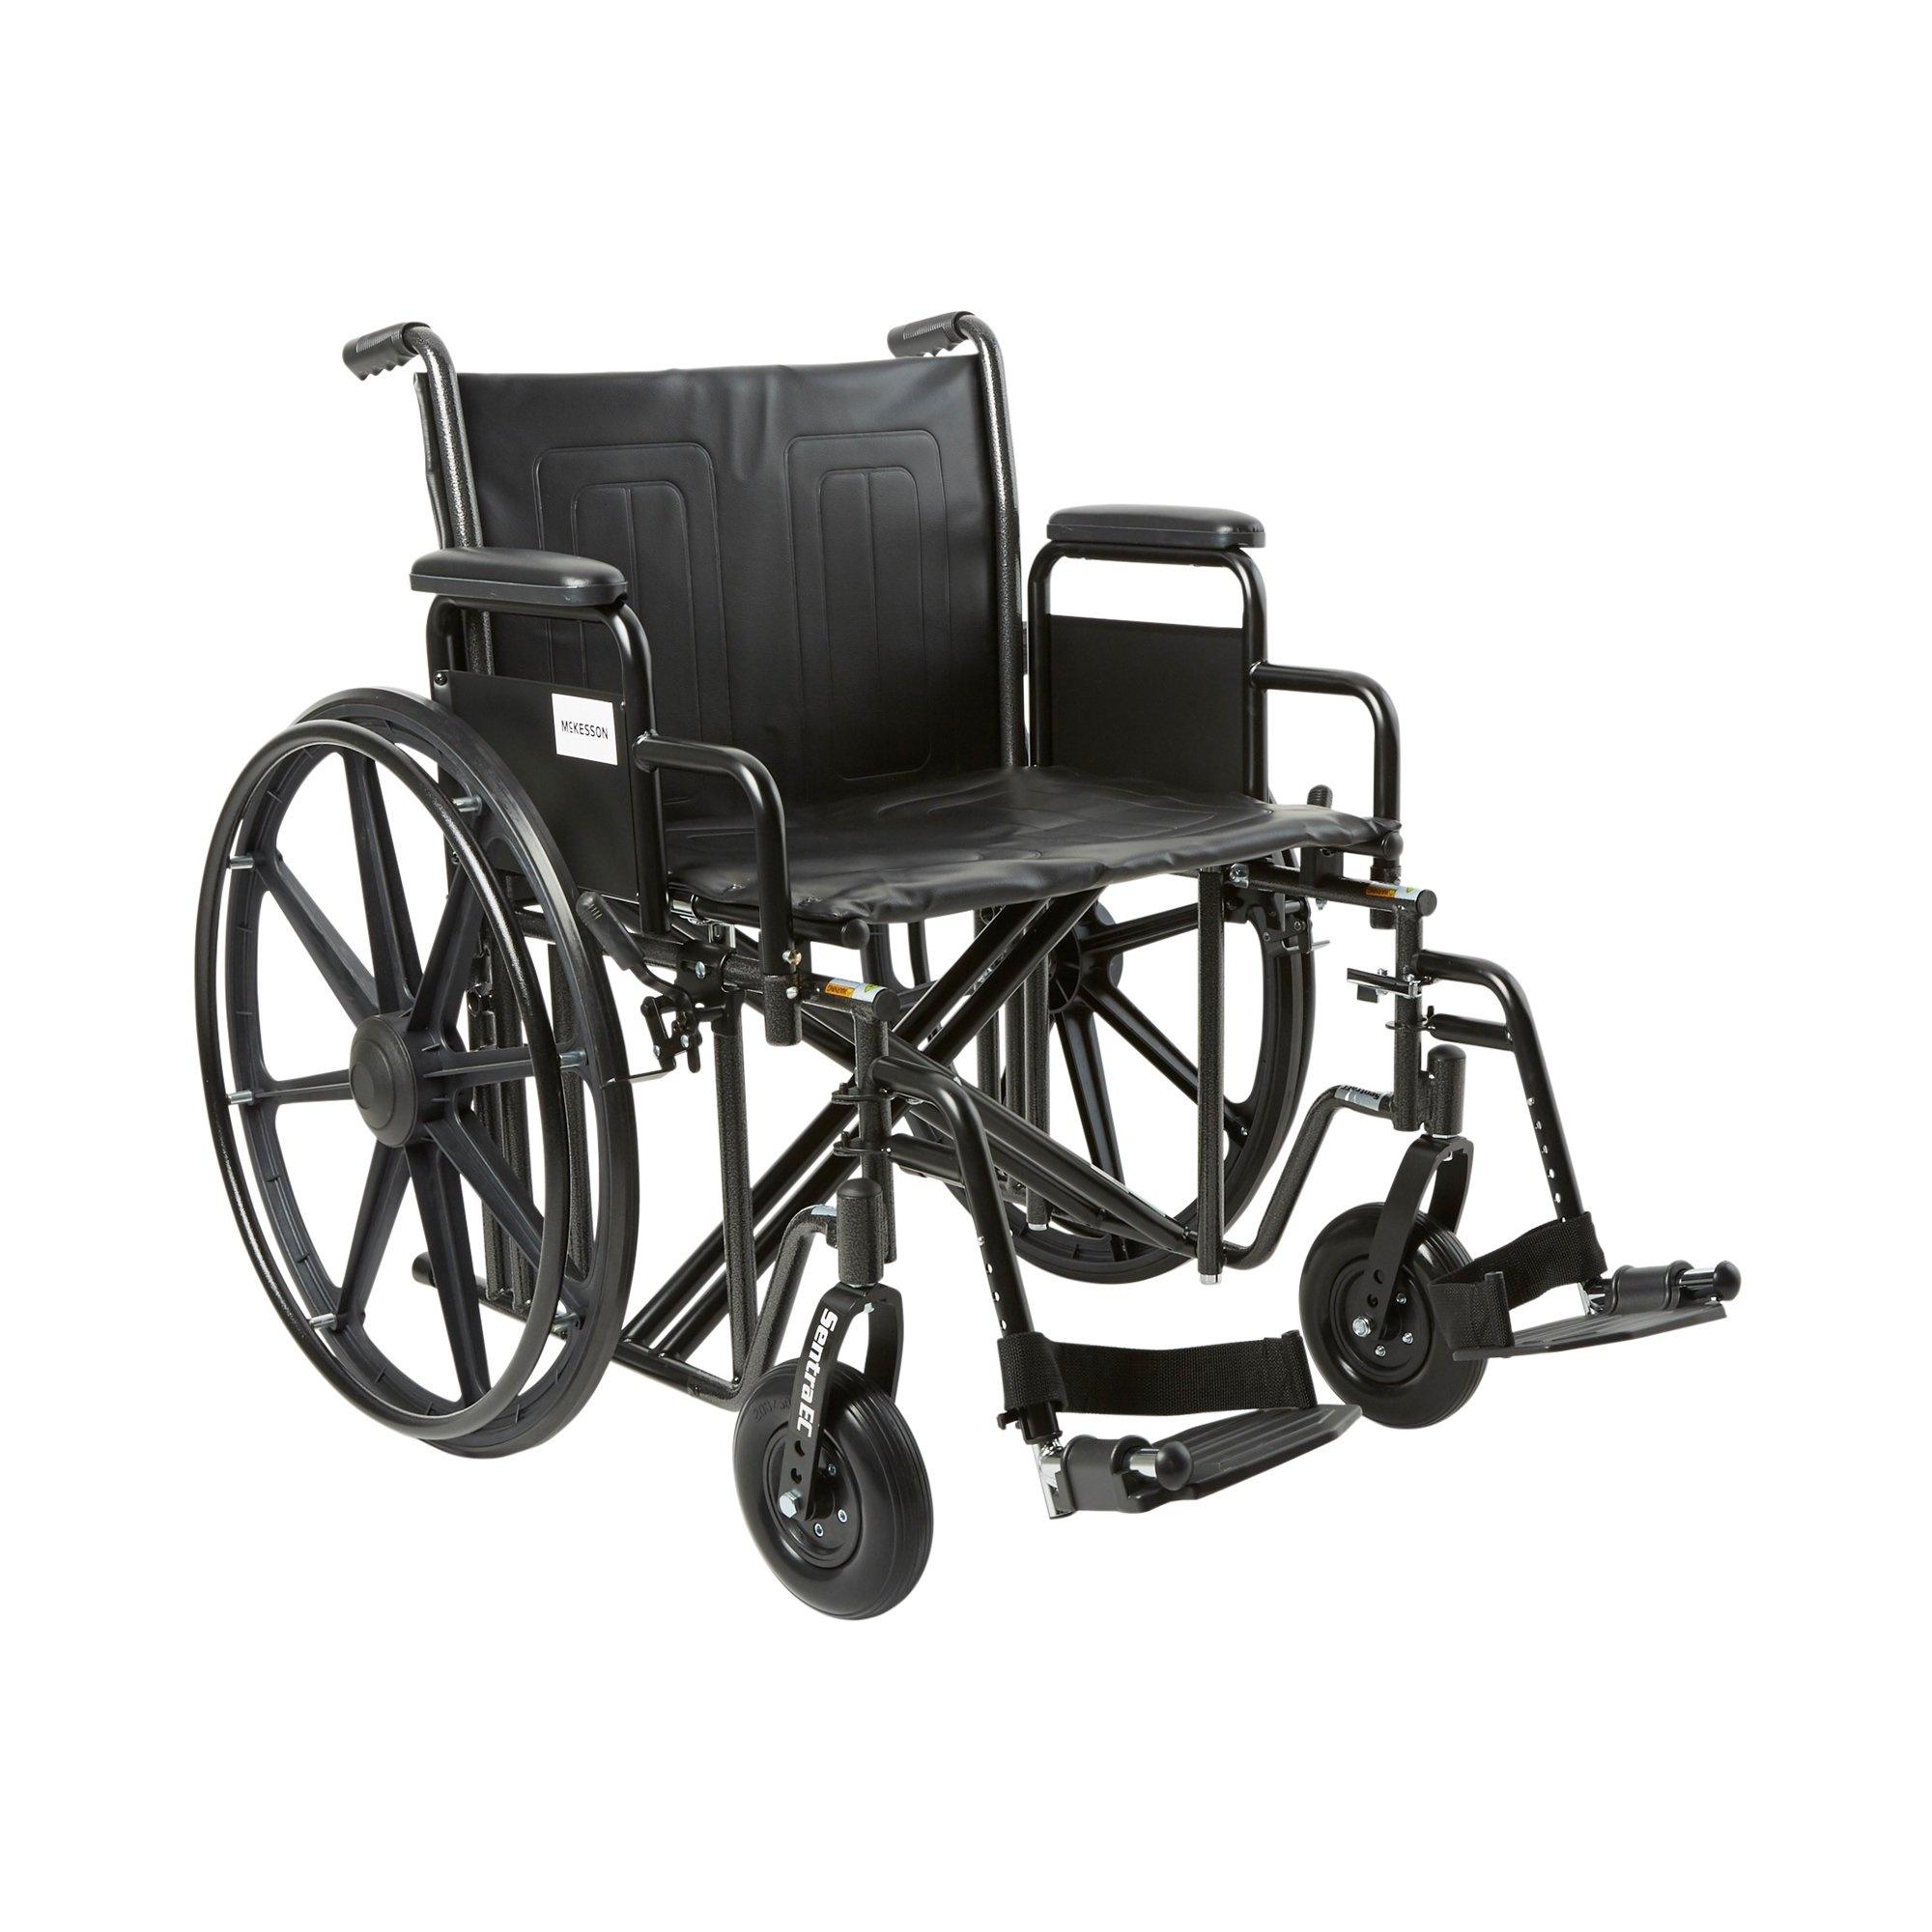 """McKesson Bariatric Wheelchair with Swing-Away Elevating Legrest, 146-STD22ECDDA-SF, 22"""" Seat - 1 Each"""